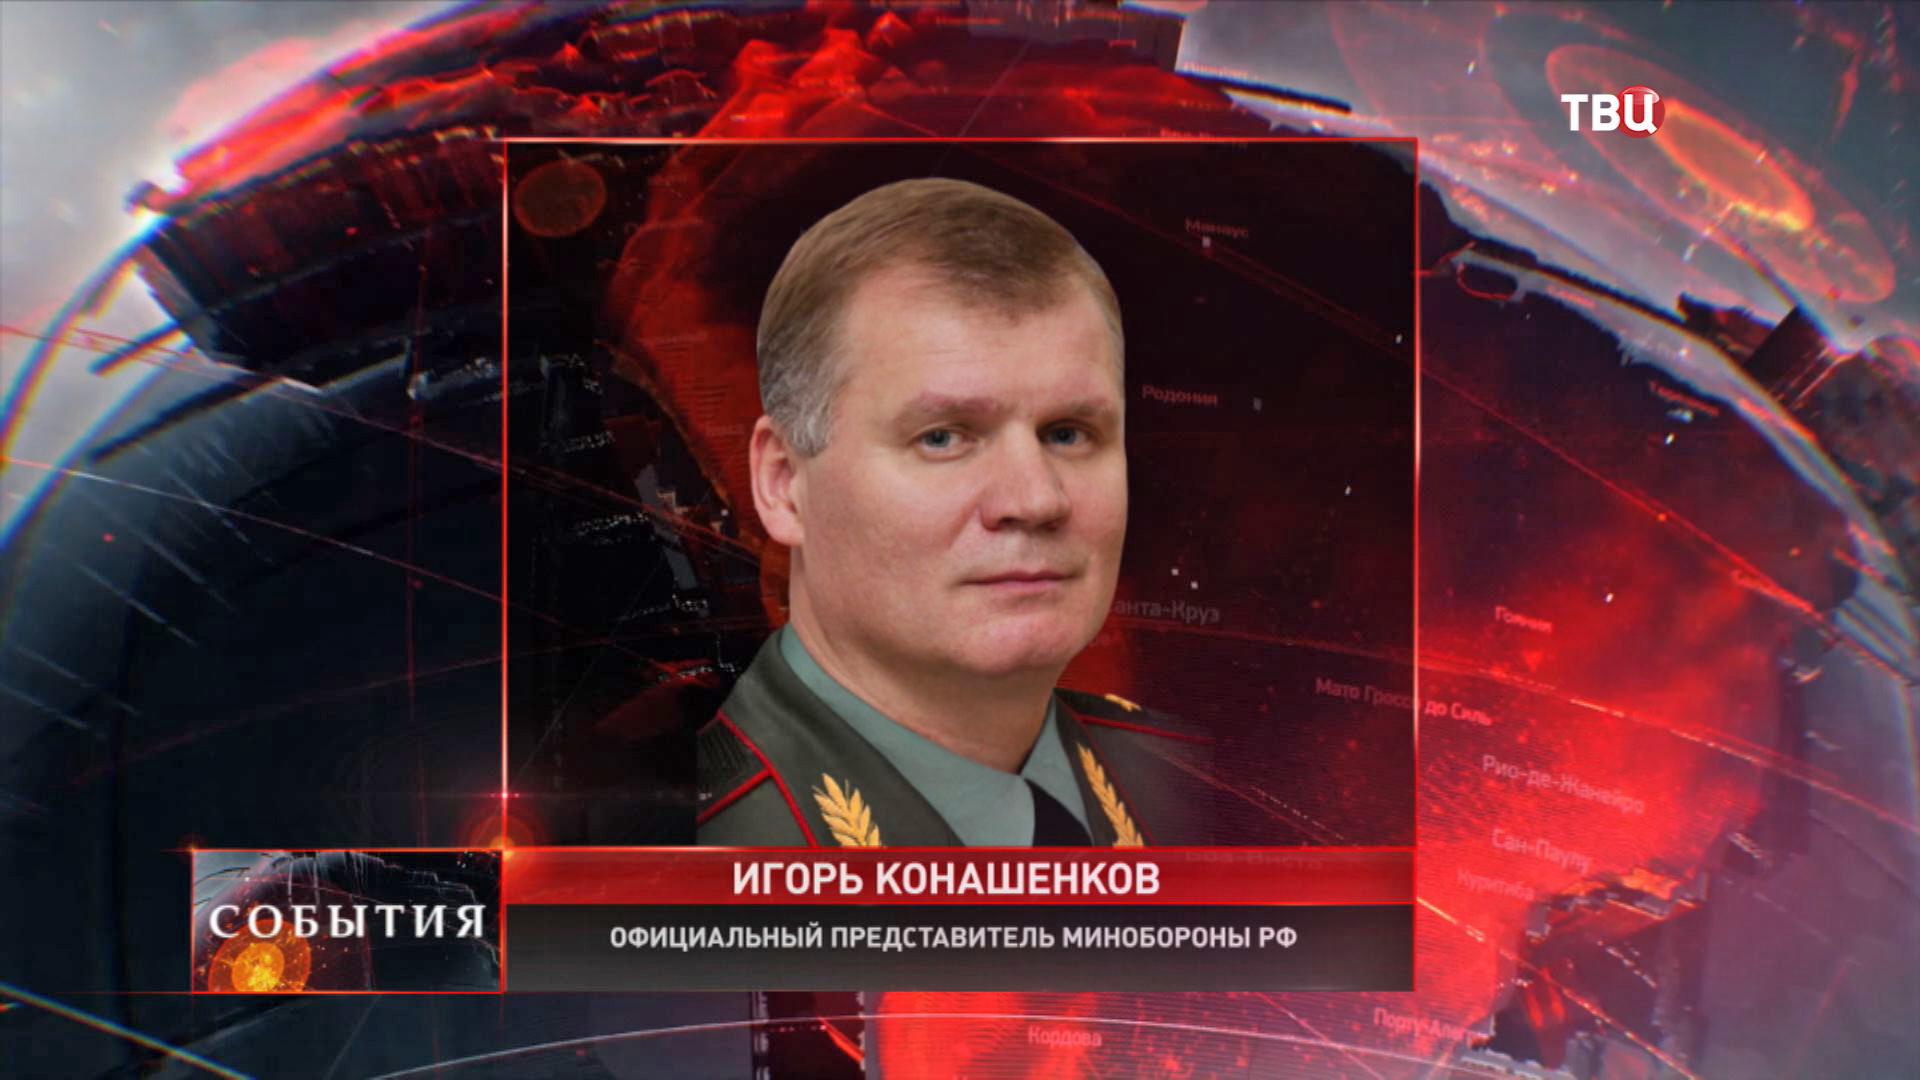 Игорь Конашенков, официальный представитель Минобороны РФ